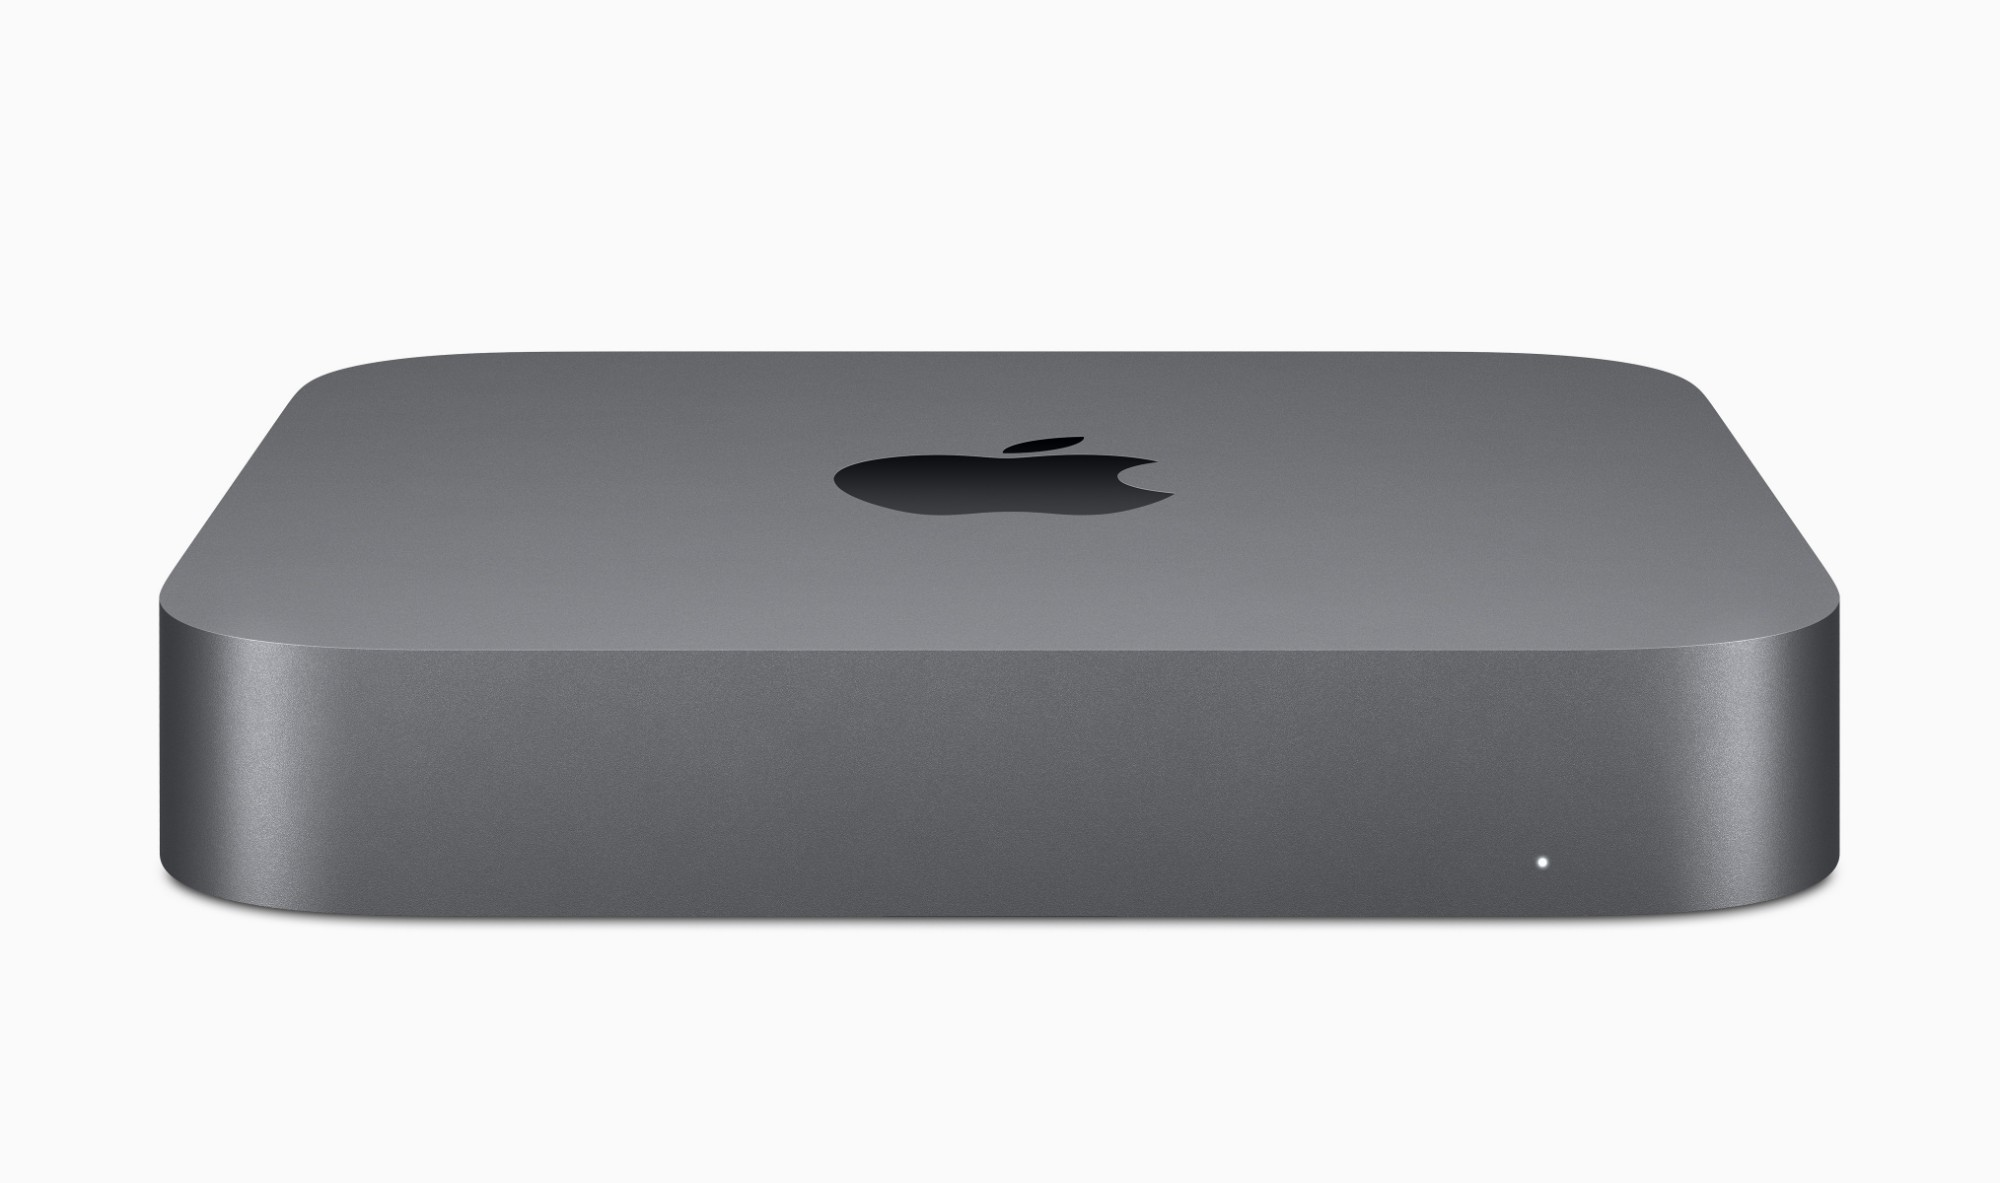 Apple Mac mini 8ª generación de procesadores Intel® Core™ i3 8 GB DDR4-SDRAM 256 GB SSD Gris Mini PC